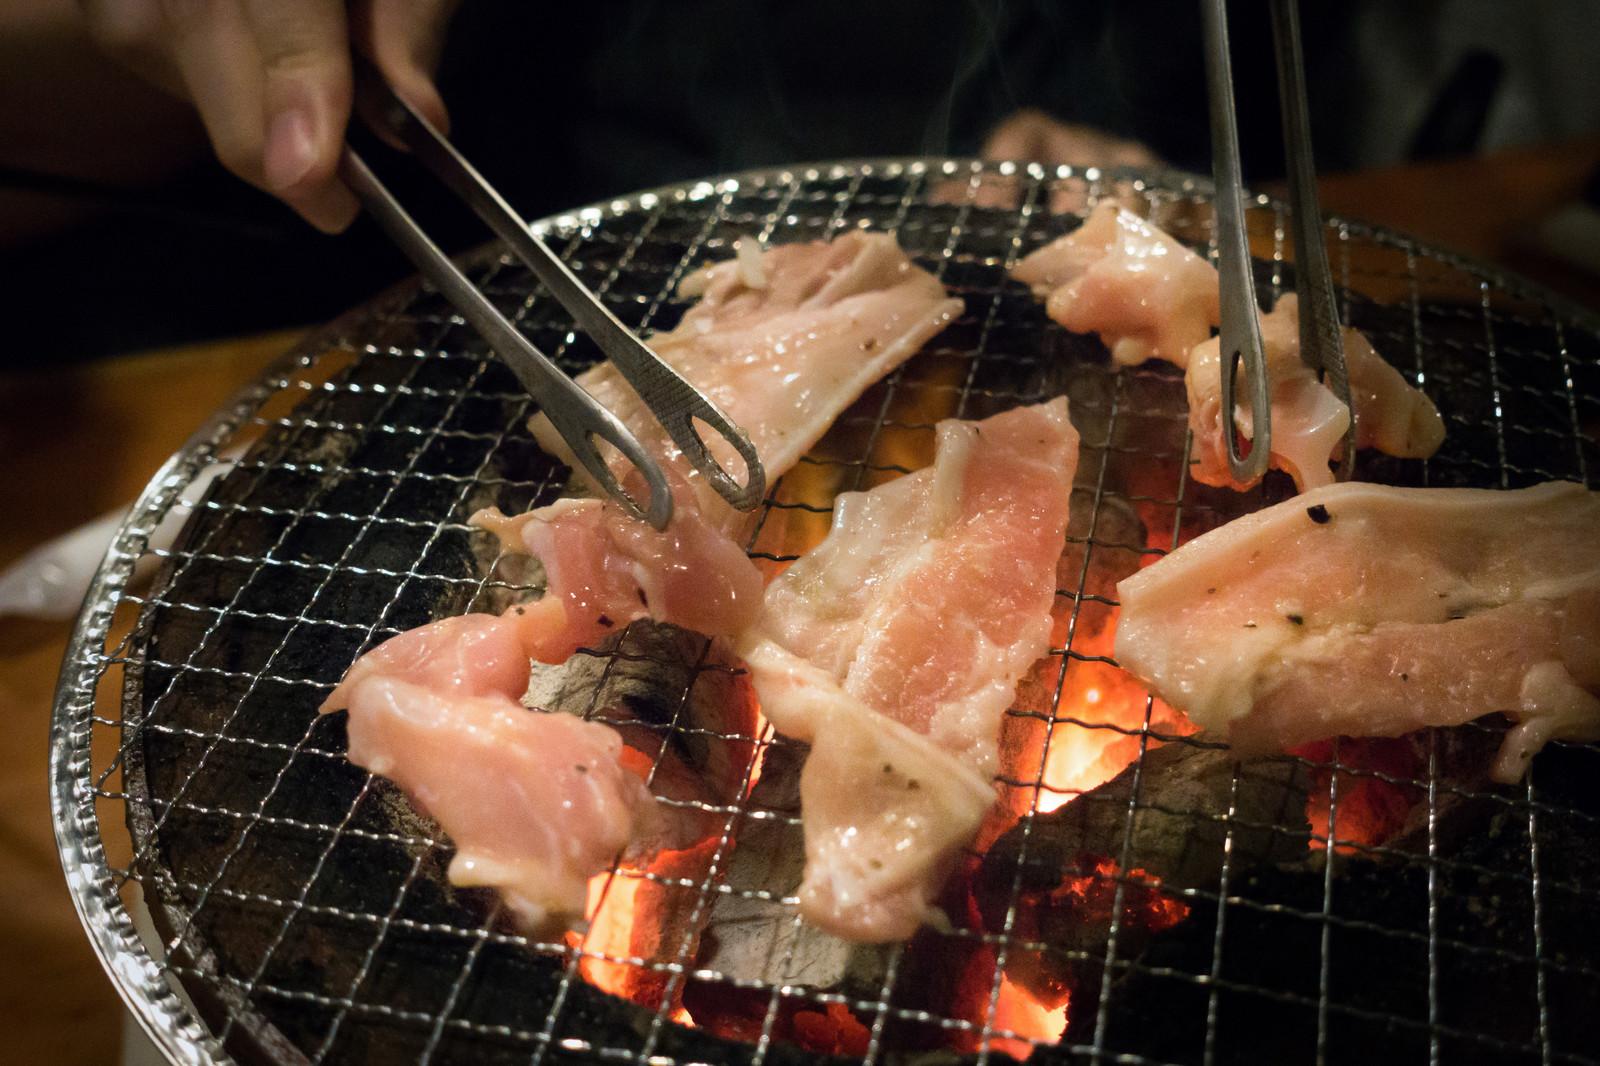 水戸のおすすめ焼肉屋さん!美味しい常陸牛や食べ放題も楽しめる!